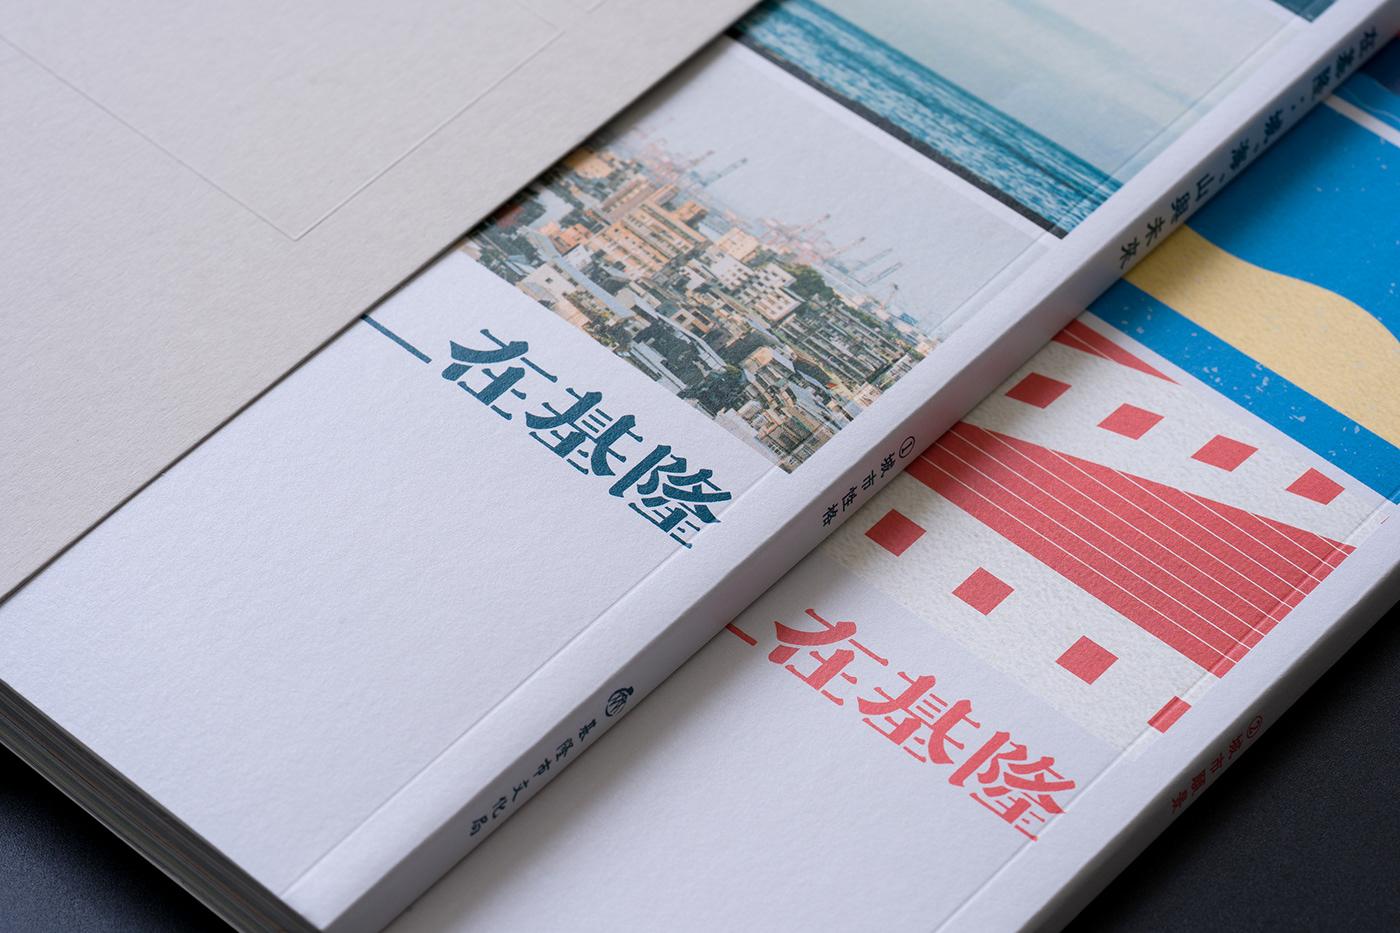 Image may contain: handwriting, book and screenshot